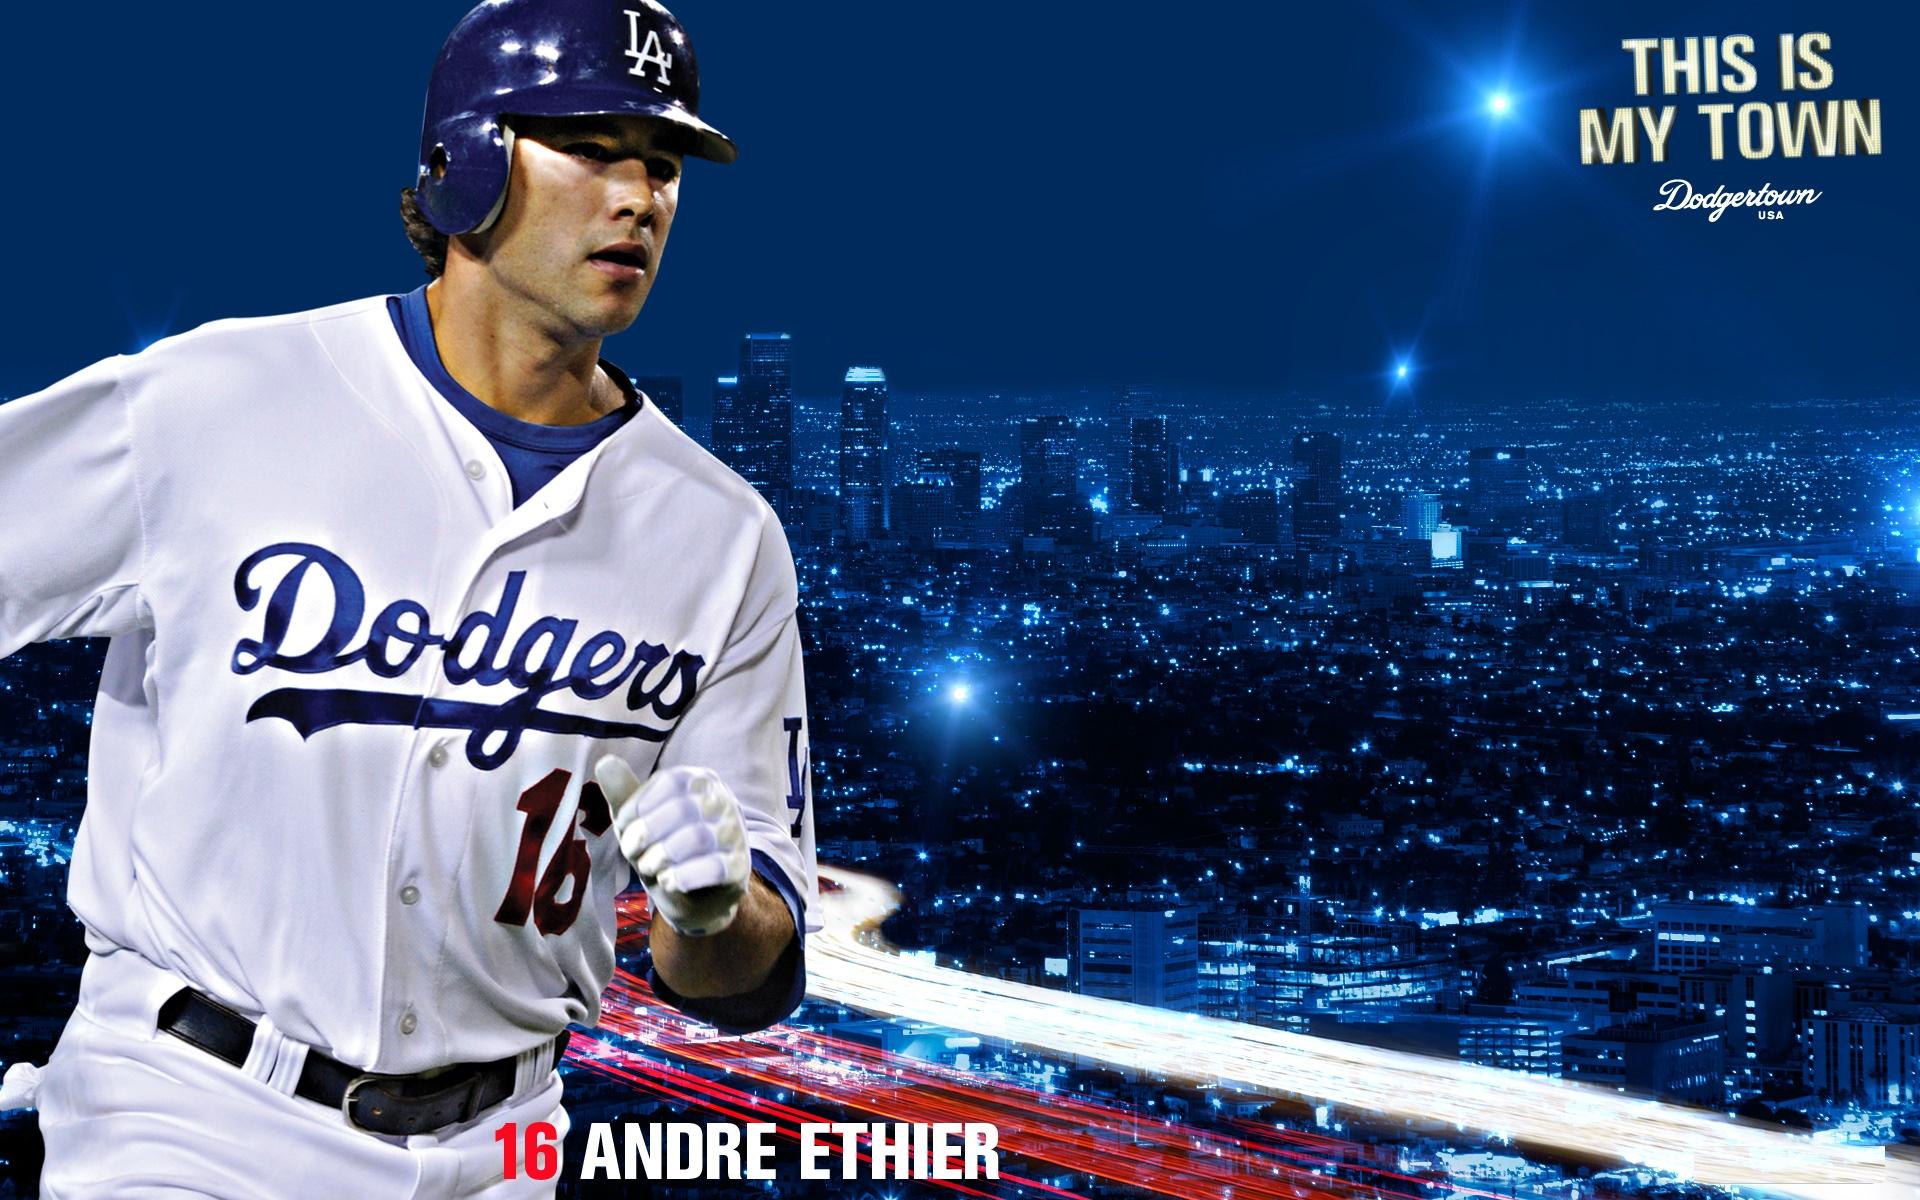 Los Angeles Dodgers Images La Dodgers Wallpaper Hd Wallpaper And